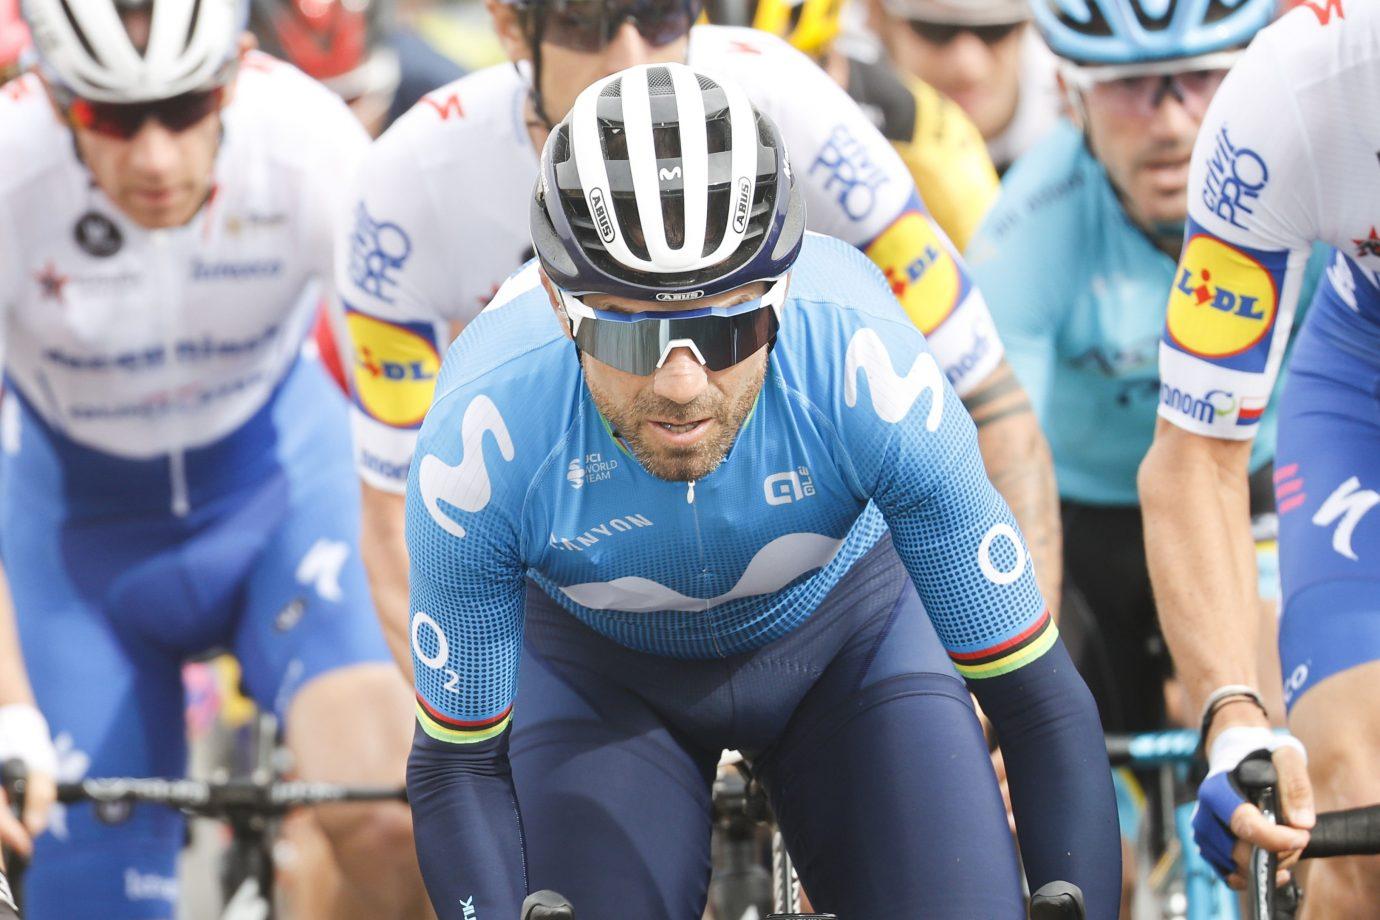 News' image'Valverde (4º) y Movistar Team apuran su penúltima baza en Ciudad Rodrigo'